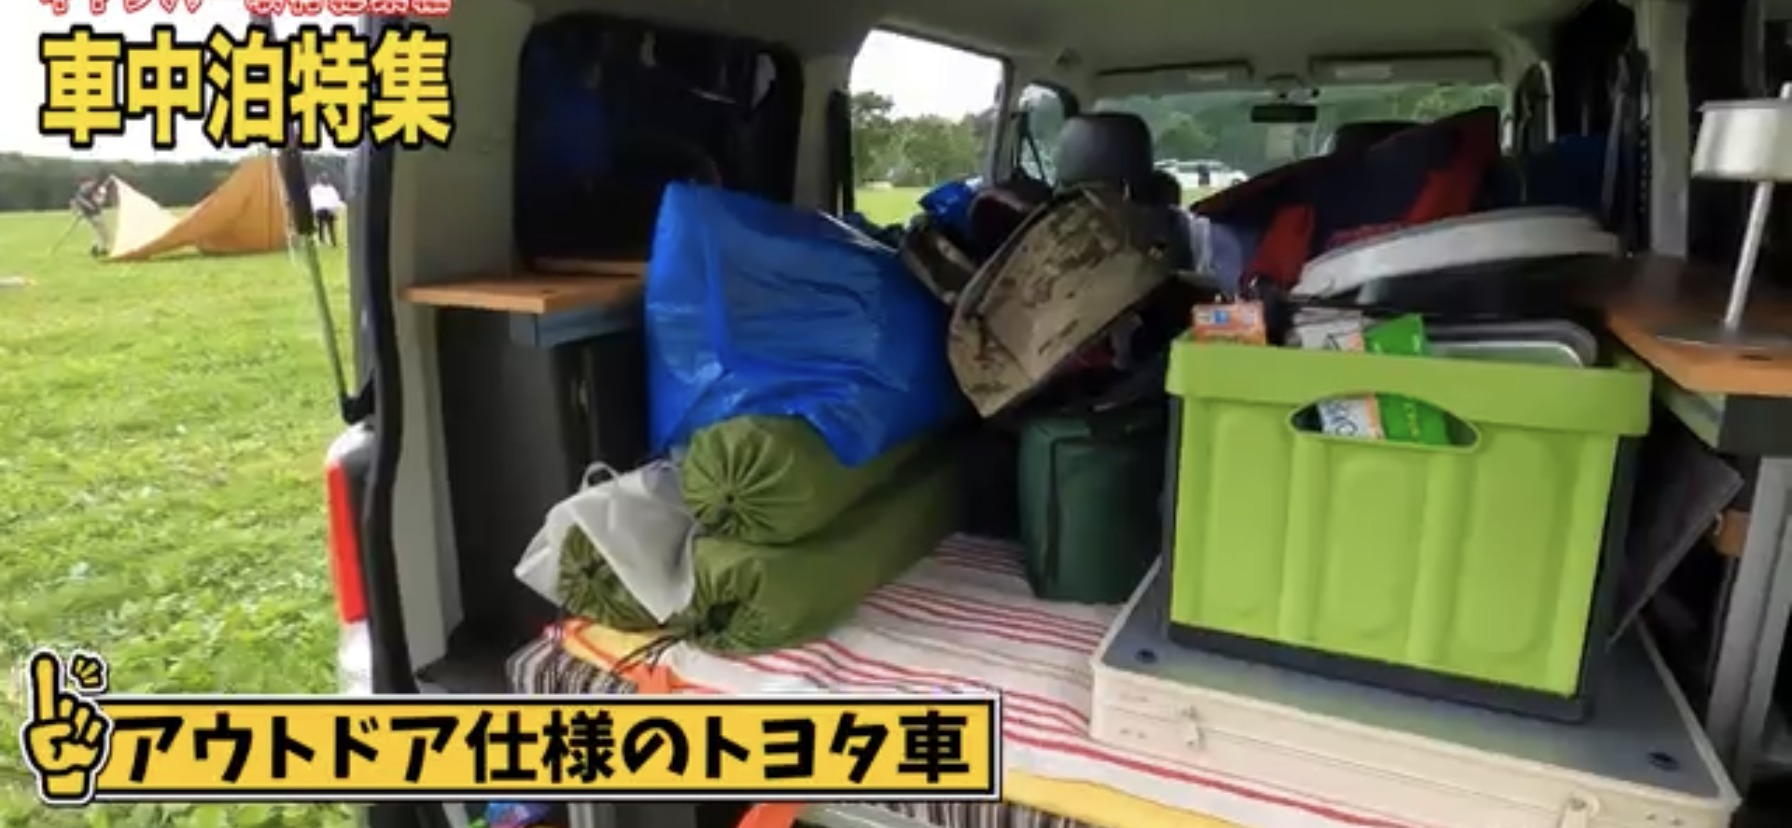 車中泊その3:【トヨタ】キャンパー アルトピアーノ